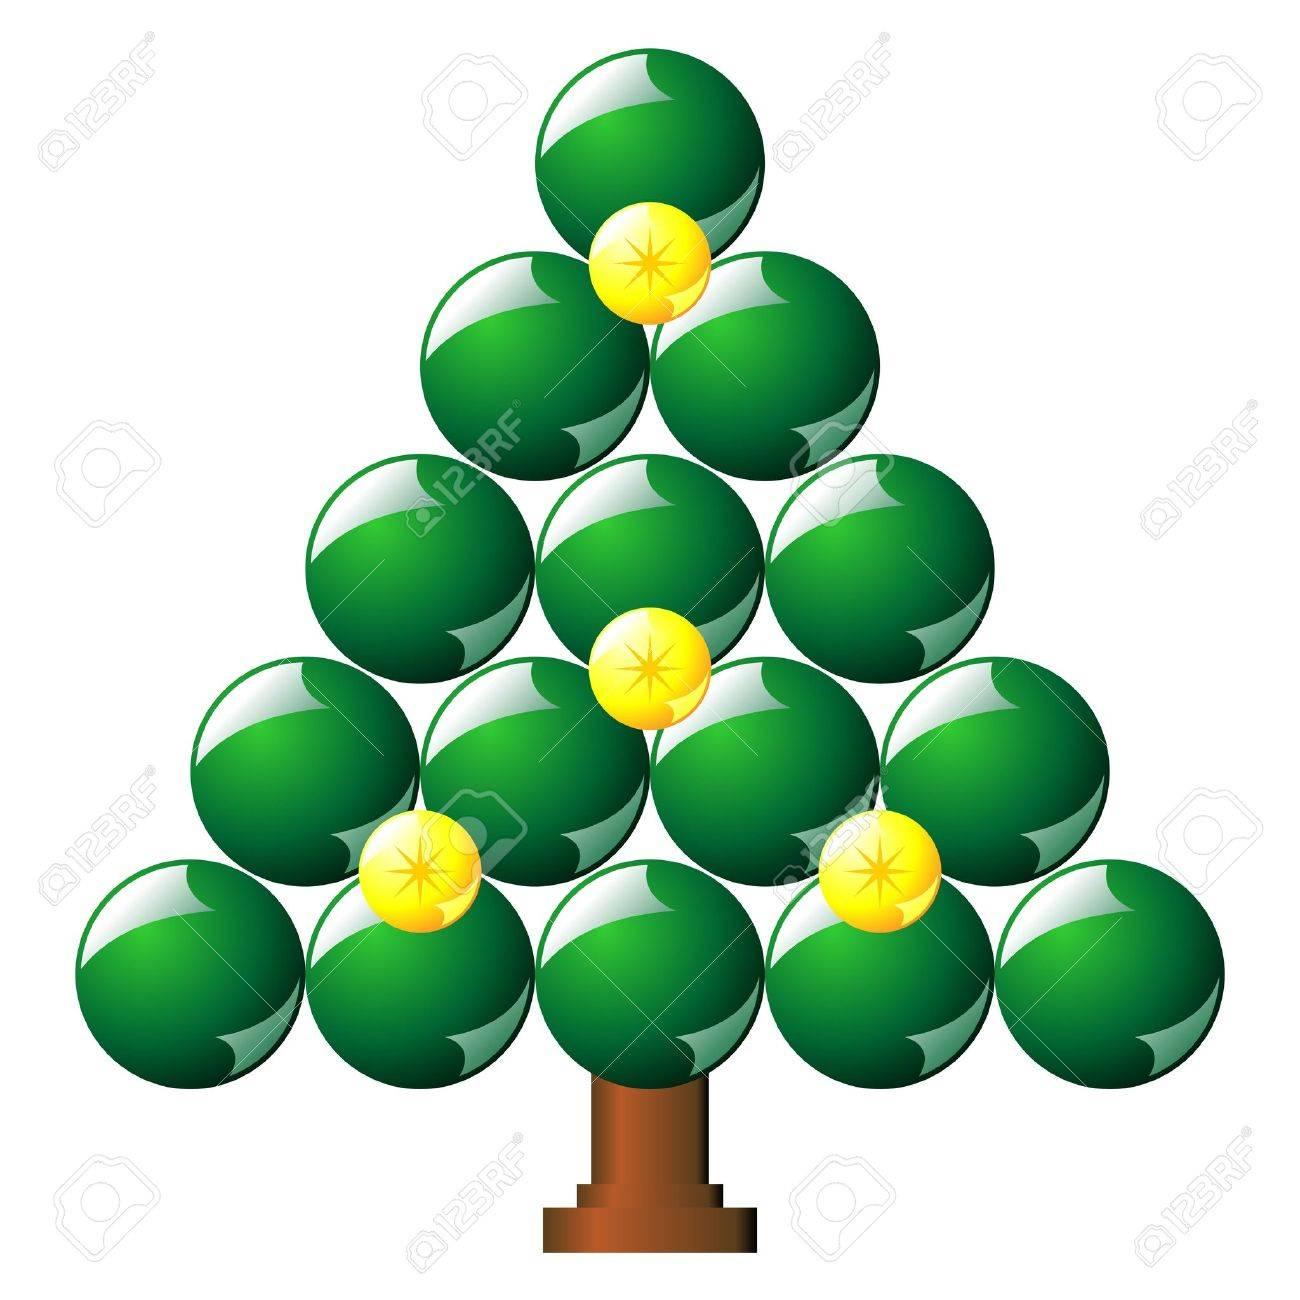 foto de archivo rbol de navidad con bolas ms verde blanco